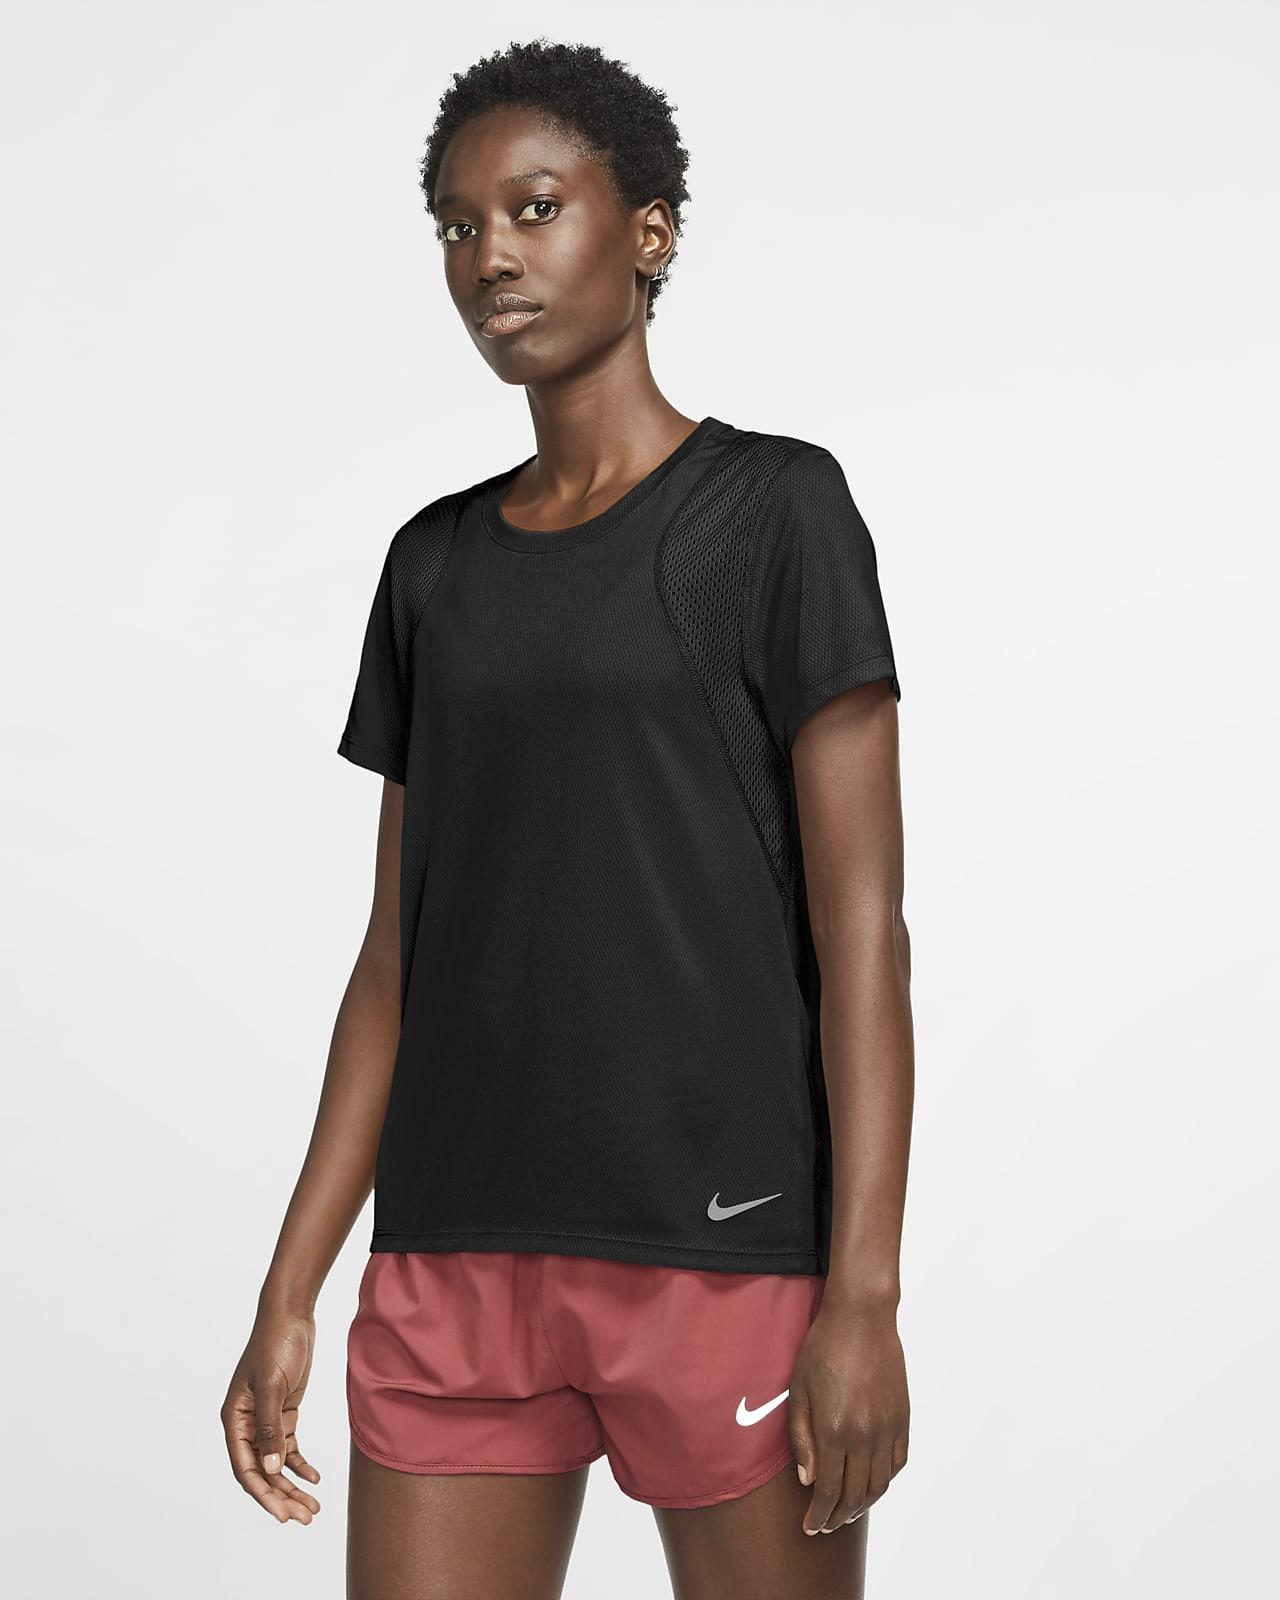 Camisola de running de manga curta Nike Run para mulher